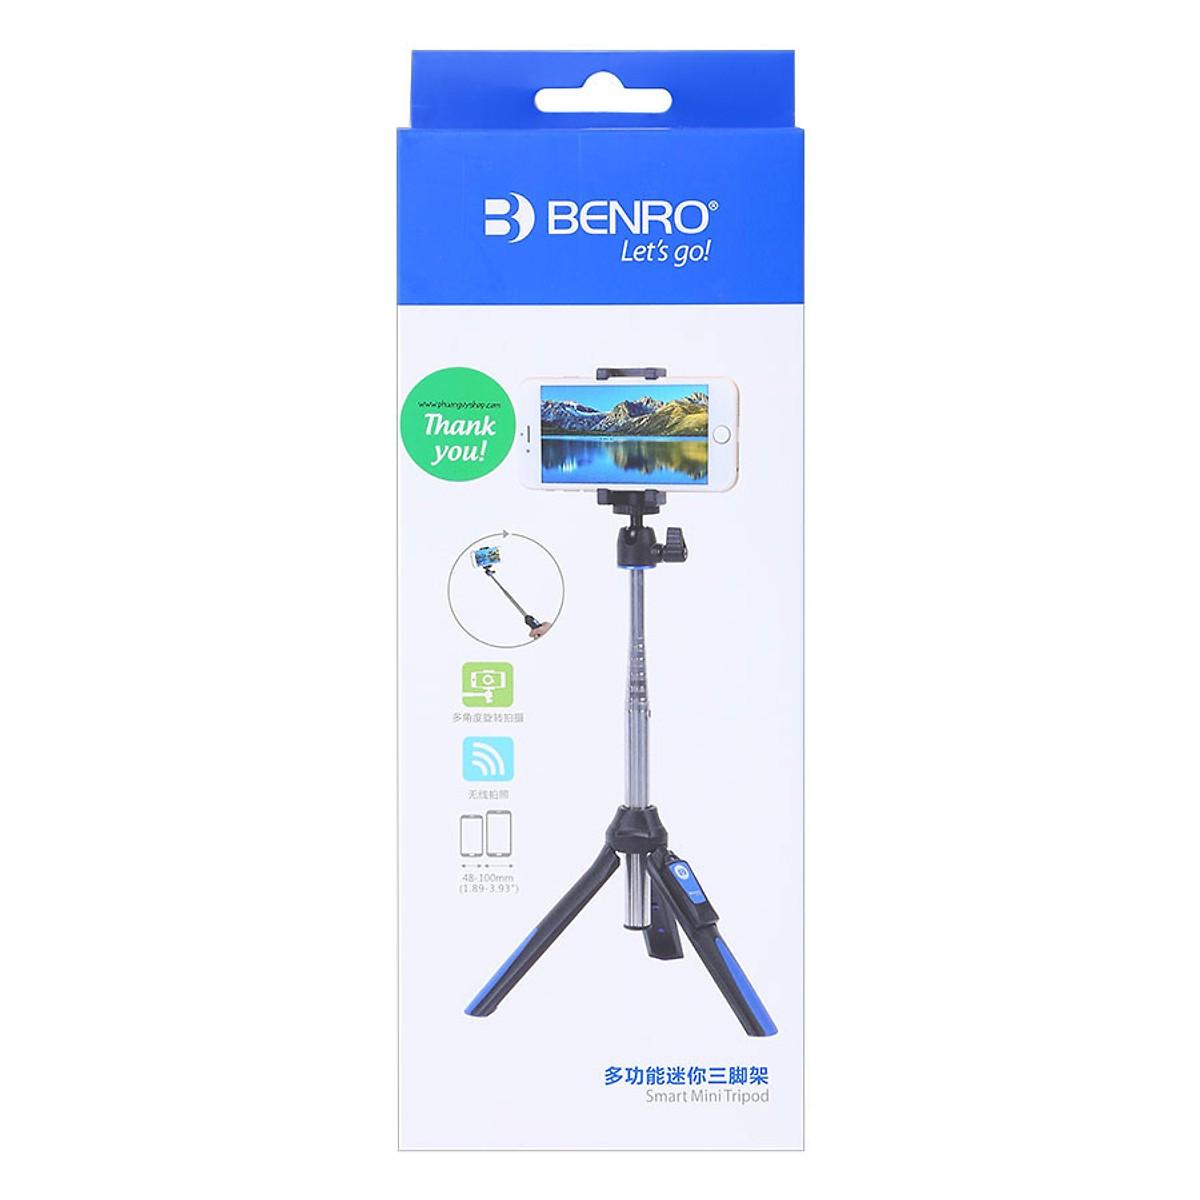 Gậy Selfie Chụp Hình Tự Sướng Tích Hợp Tripod Benro MK10 Hỗ Trợ Bluetooth 3.0( Đen Xanh) - Hàng Nhập Khẩu